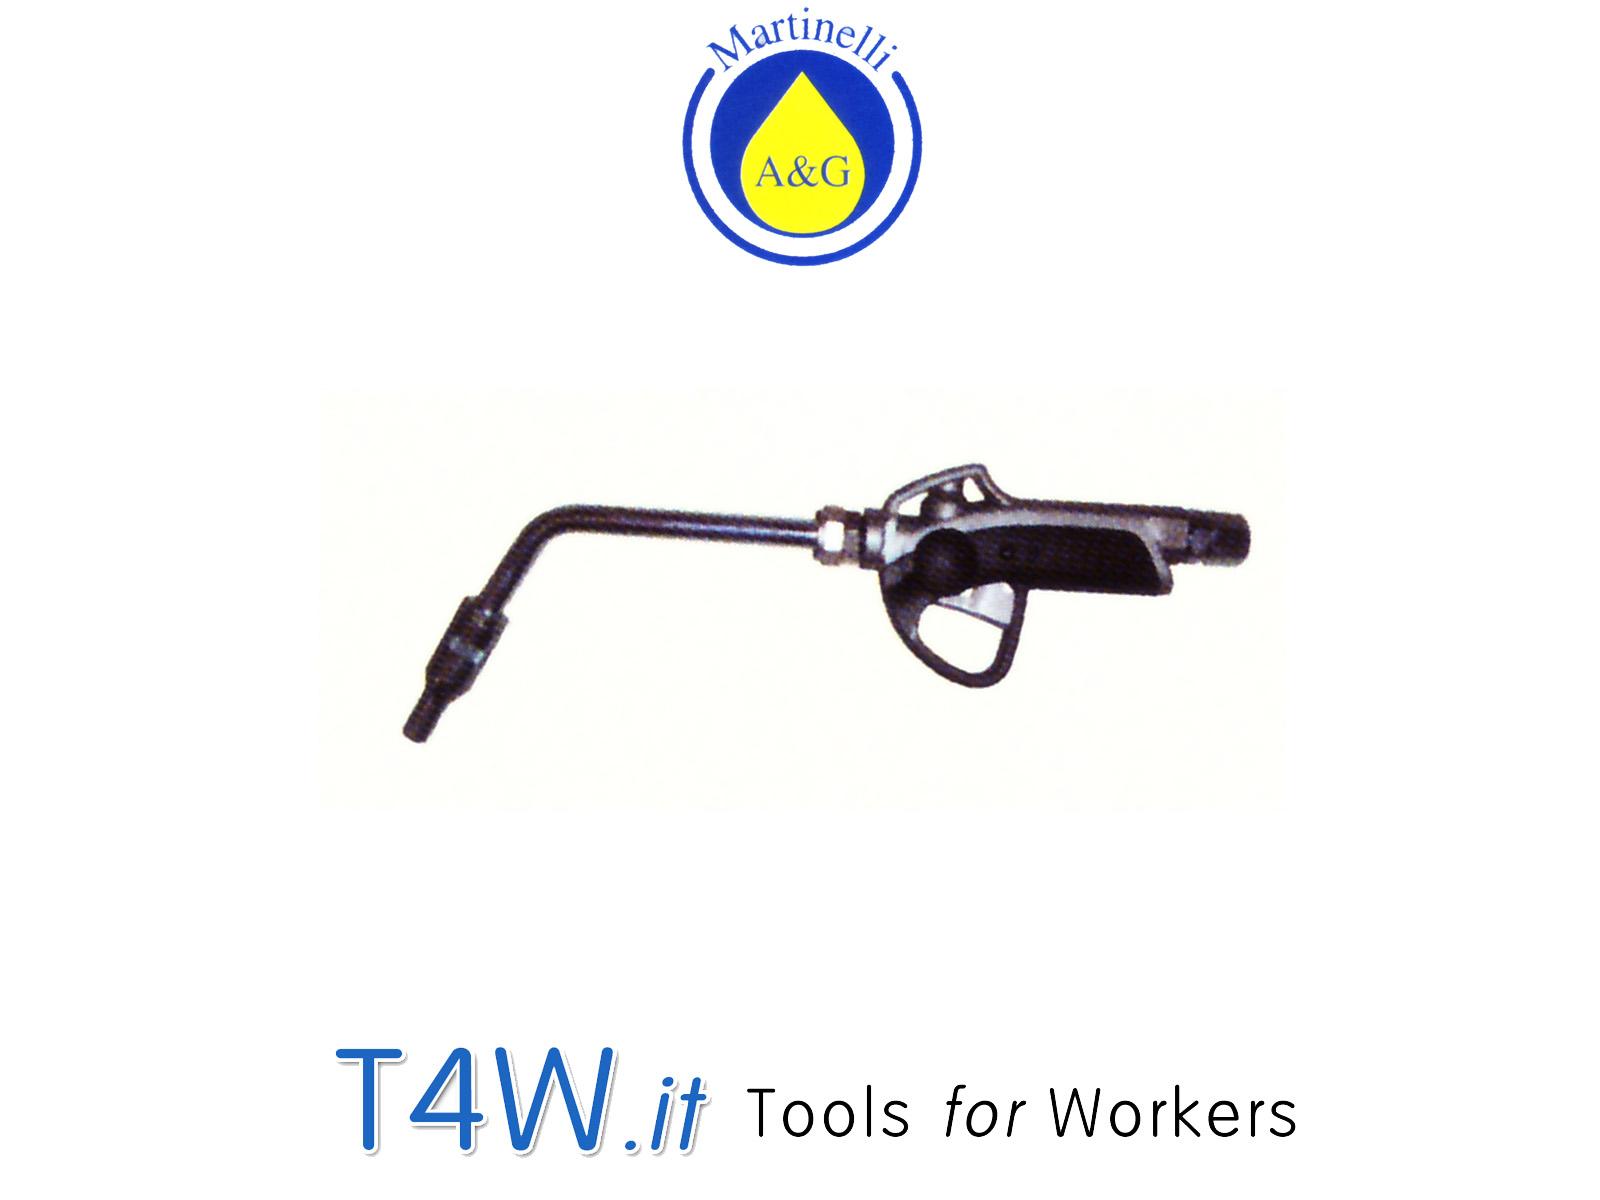 Pistola olio con estremità rigida Art. 3351 Martinelli -